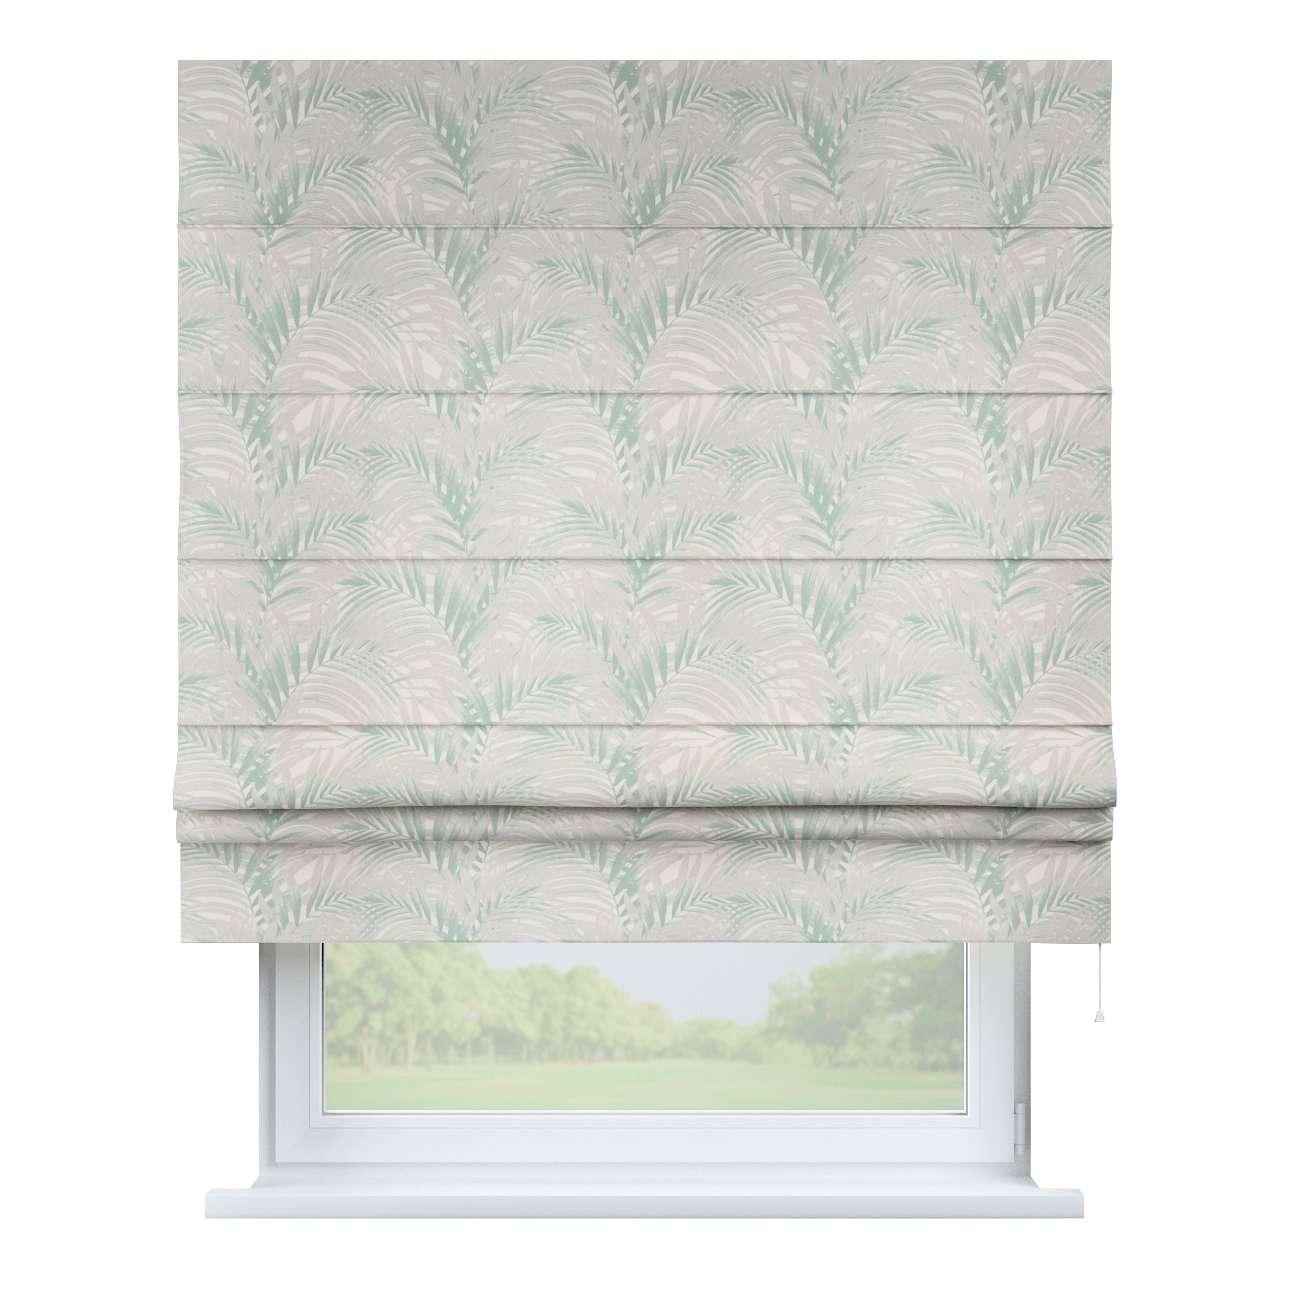 Raffrollo Padva von der Kollektion Gardenia, Stoff: 142-15